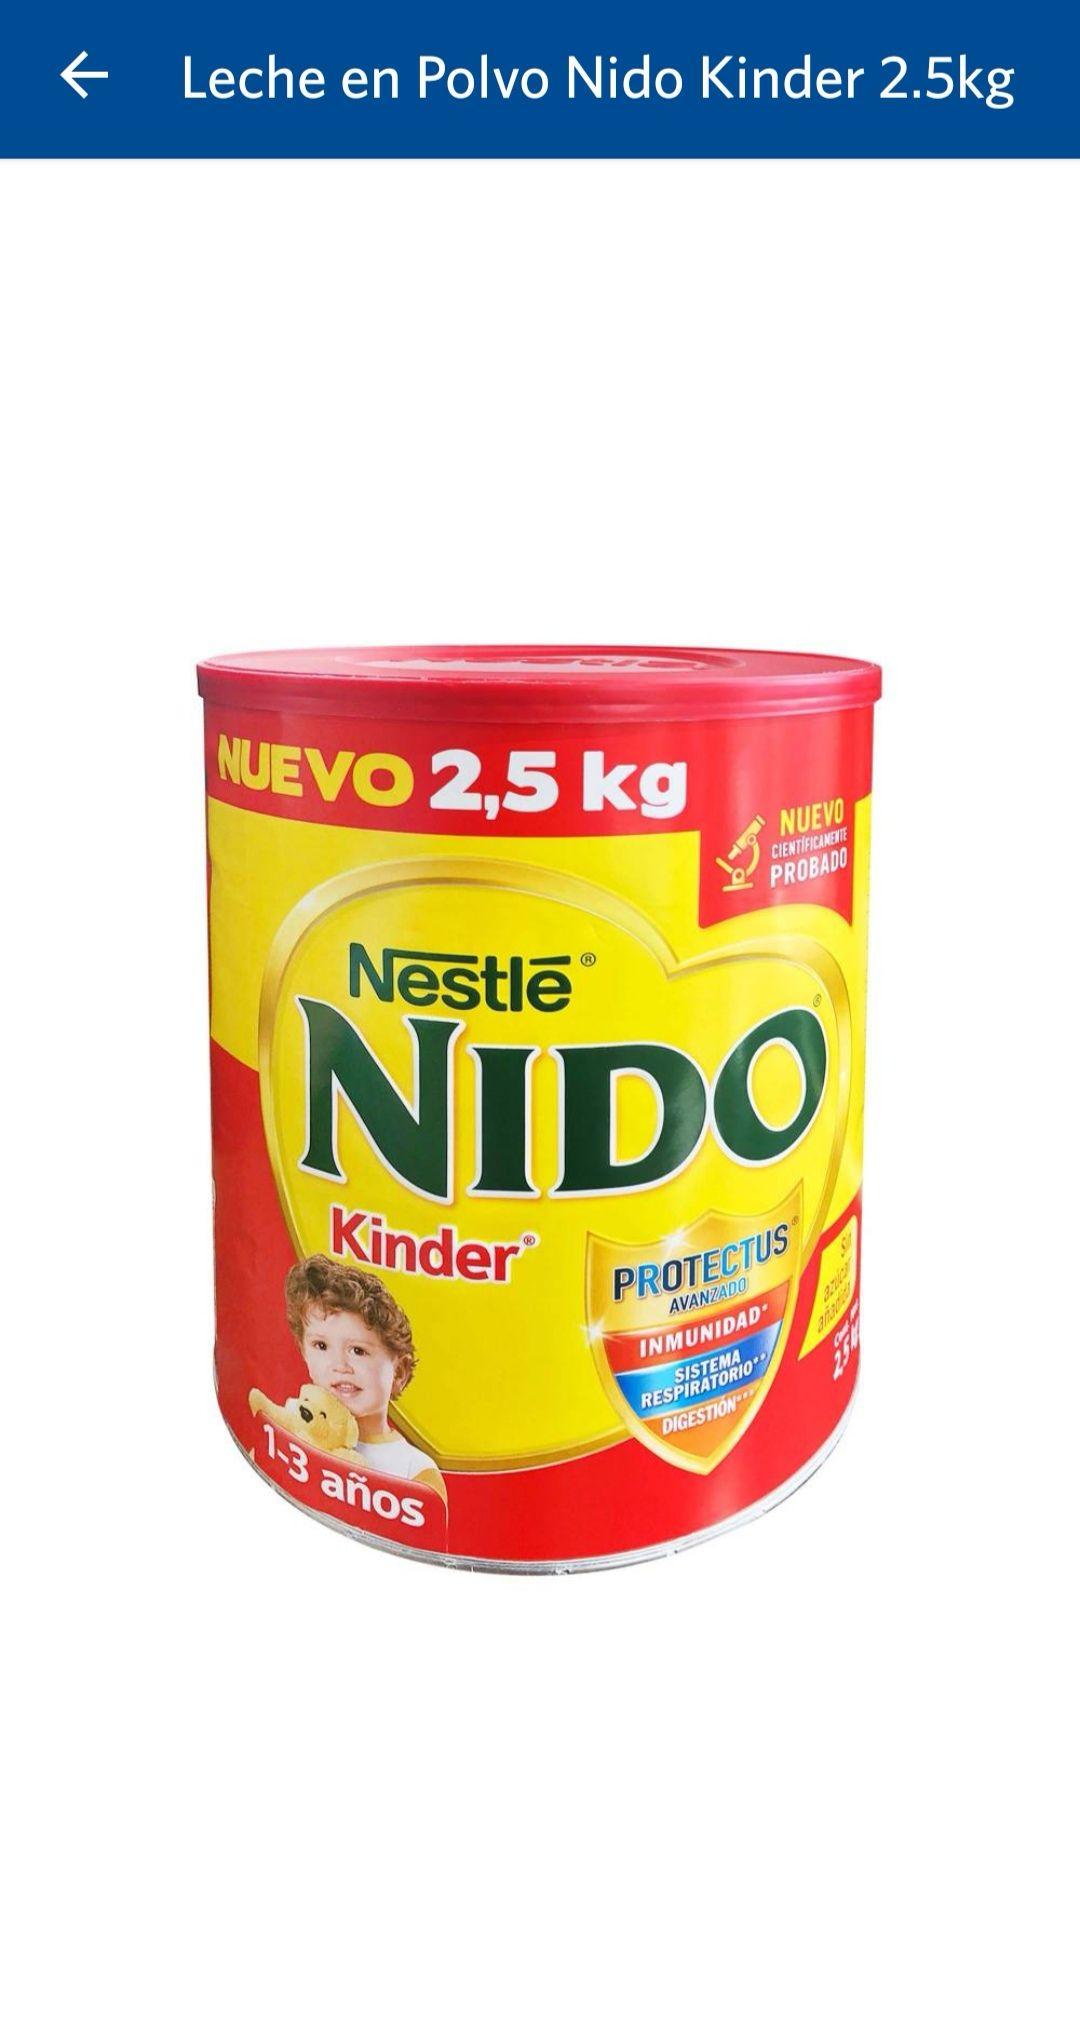 Sam's club: Nido Kinder 2.5 Kg